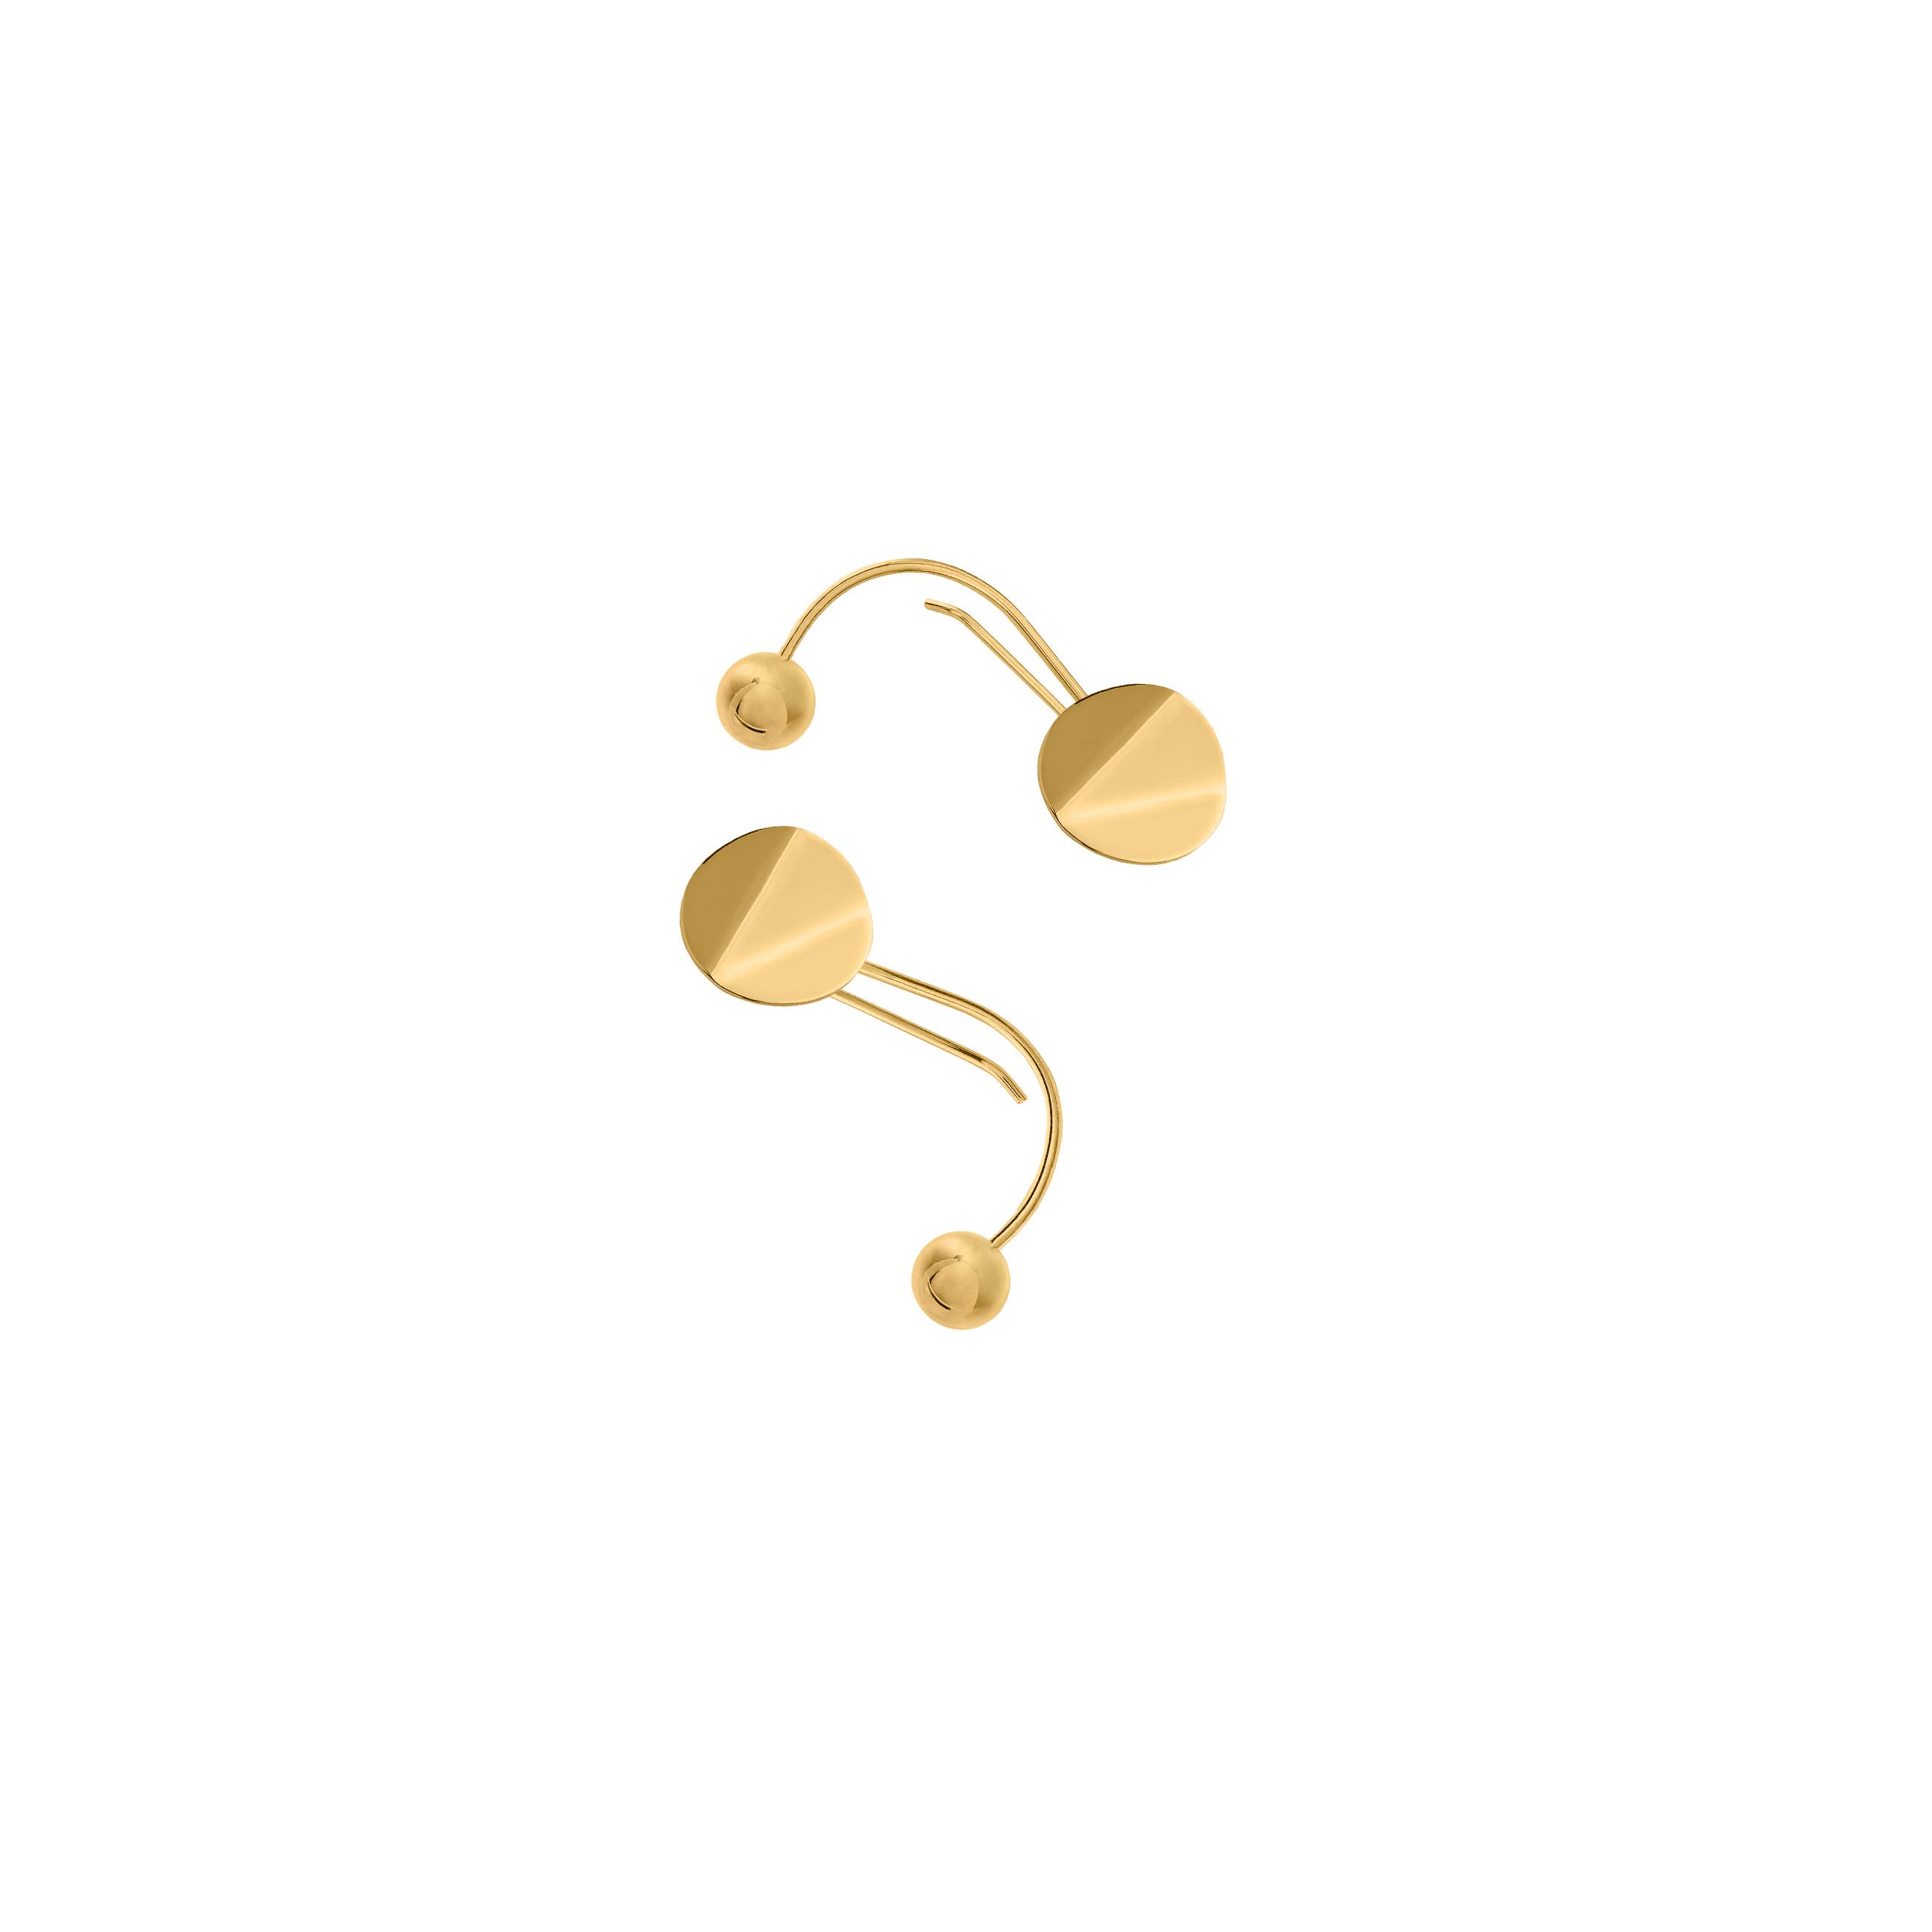 MOBILE GOLD- EARRING